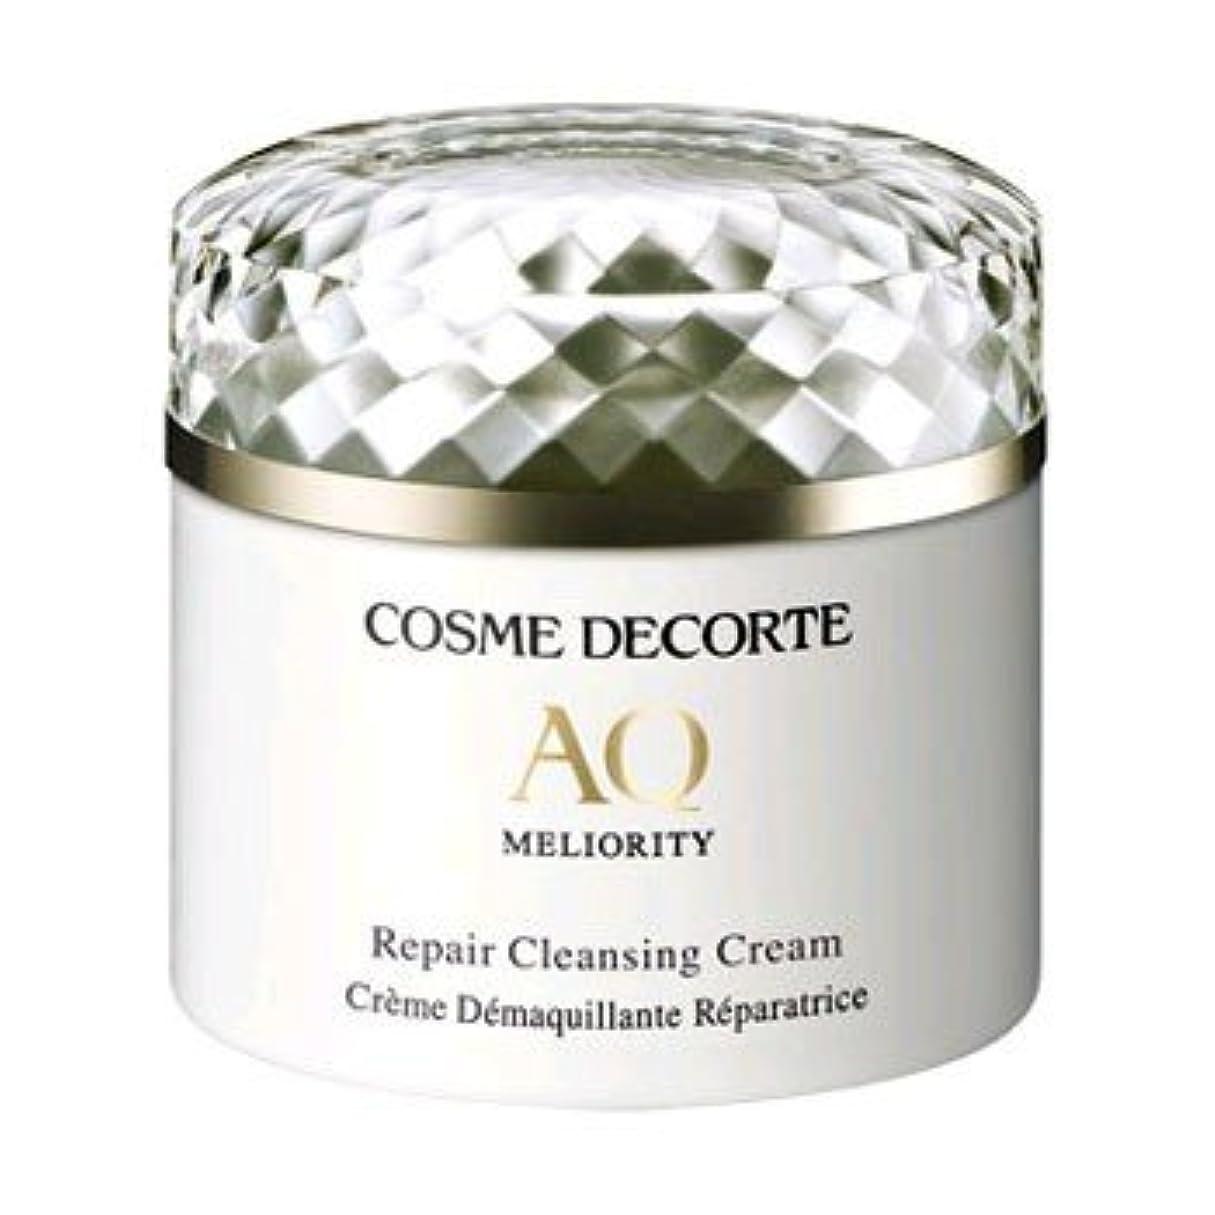 オーバーフロー十分白いコスメ デコルテ(COSME DECORTE) AQ ミリオリティ リペア クレンジングクリーム 150ml[並行輸入品]